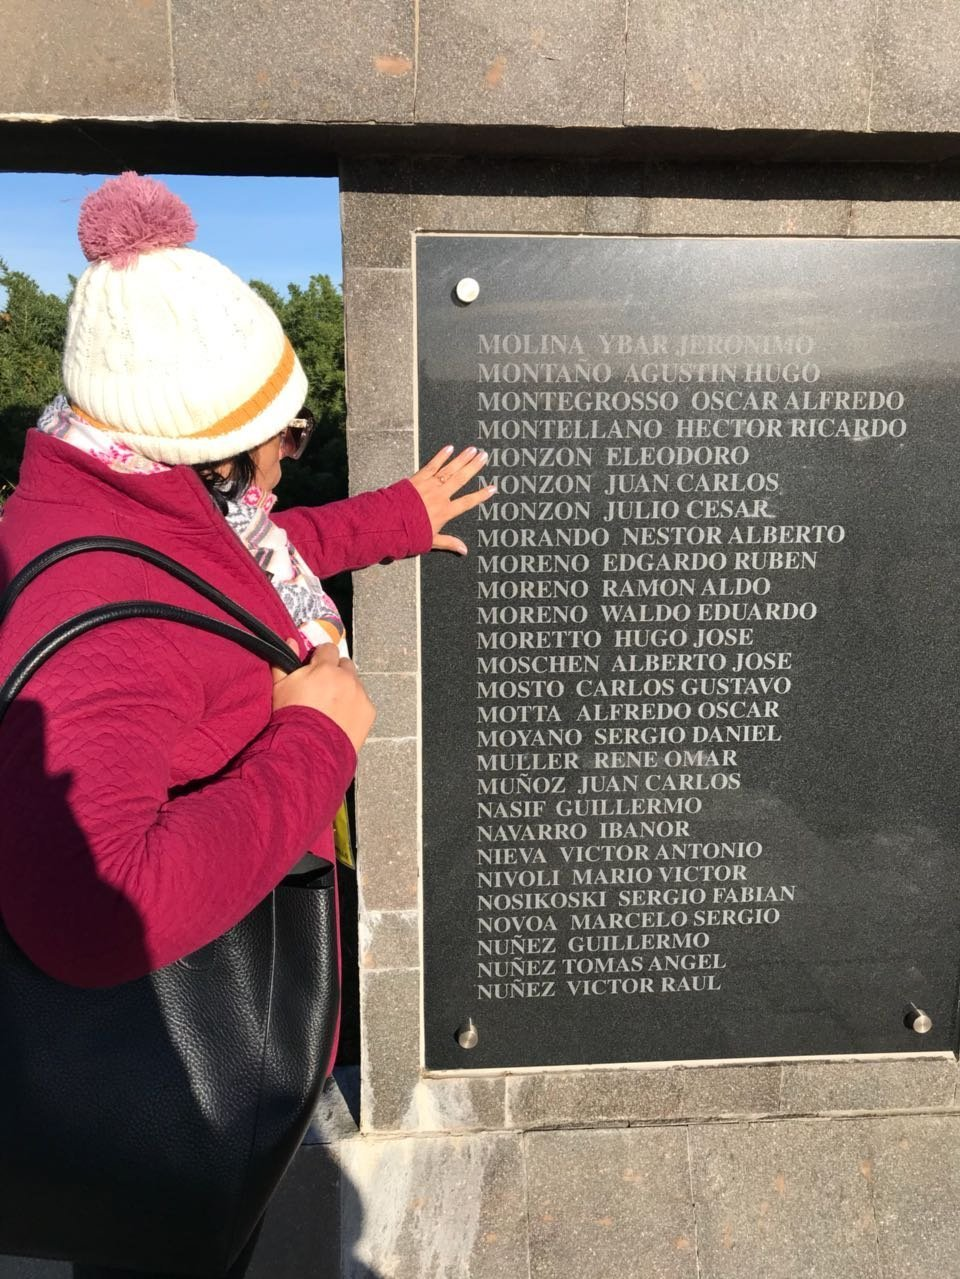 Mirta Monzón visita el Cementerio de Darwin, donde está la tumba de su hermano, el soldado argentino caído en Malvinas Eleodoro Monzón